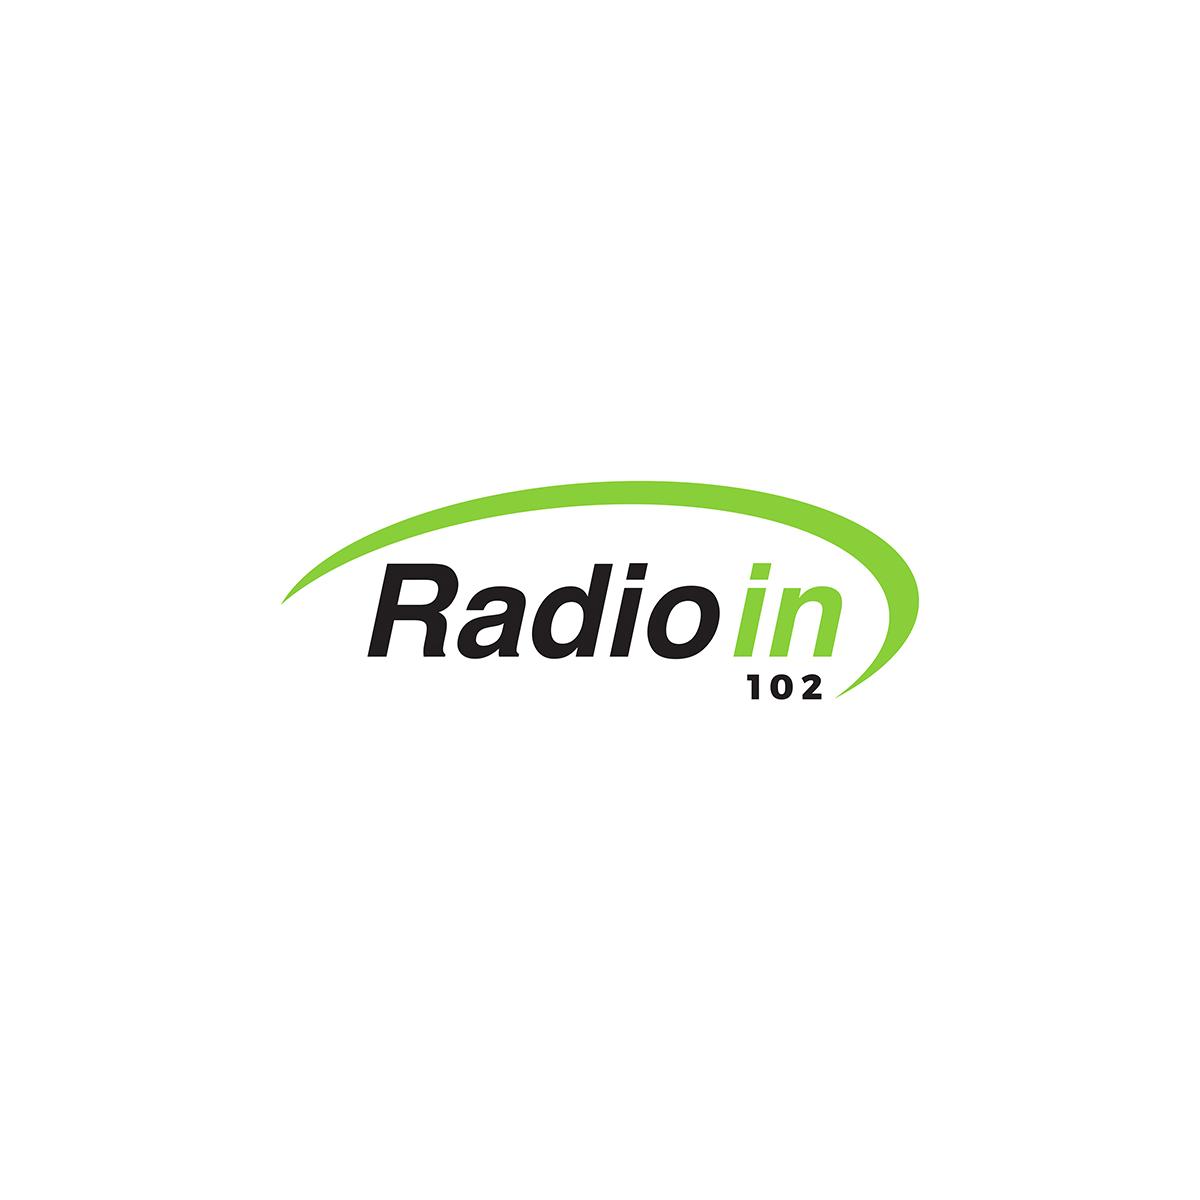 INTERVISTA SUL MONDO DELLA RADIO SU RADIO IN